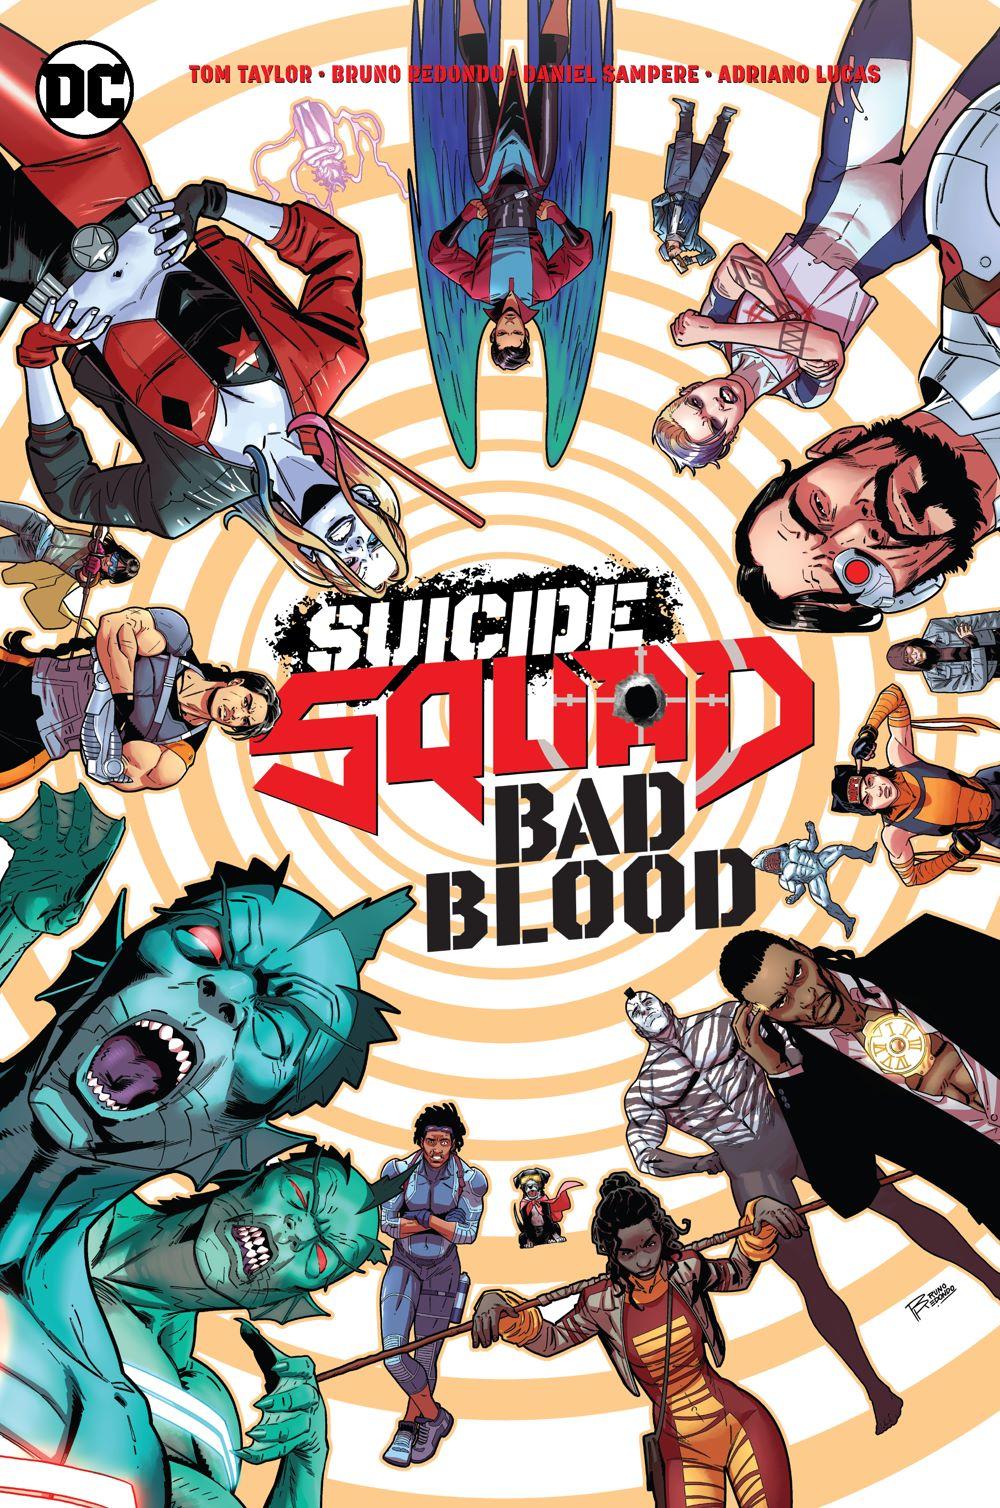 Suicide-Squad-Bad-Blood DC Comics June 2021 Solicitations